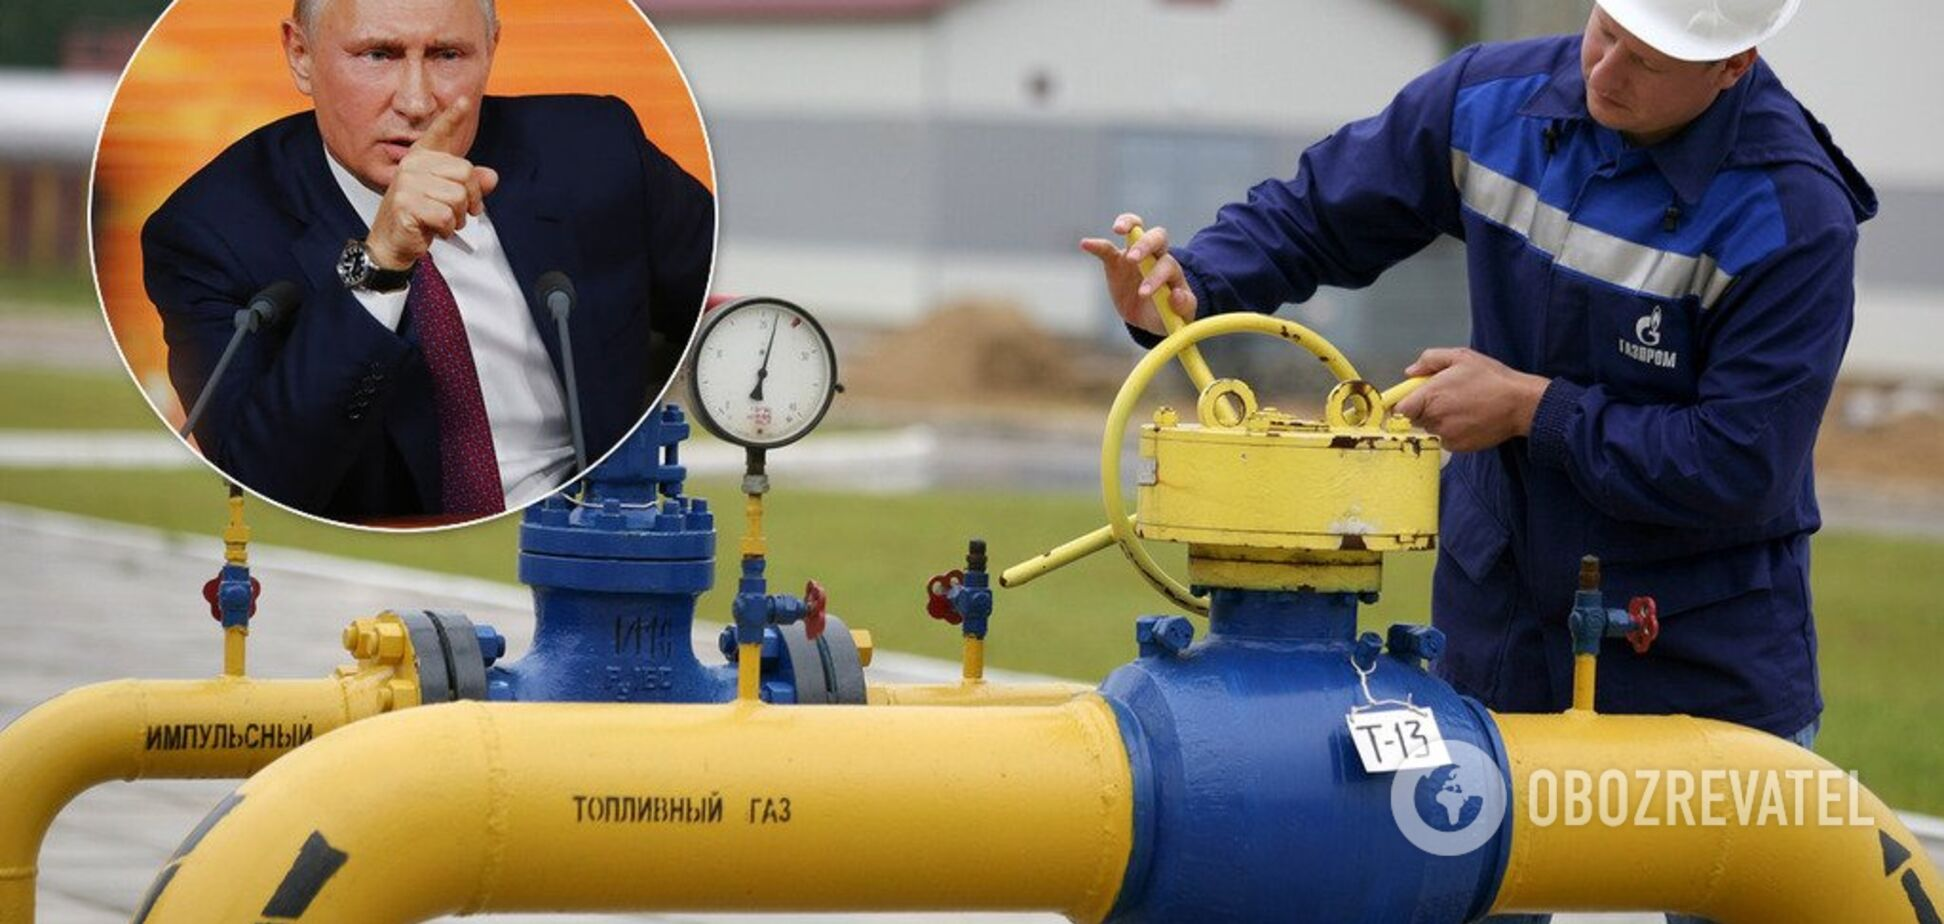 Украина готова к 'газовой войне' с Россией: в 'Нафтогазе' ошарашили заявлением